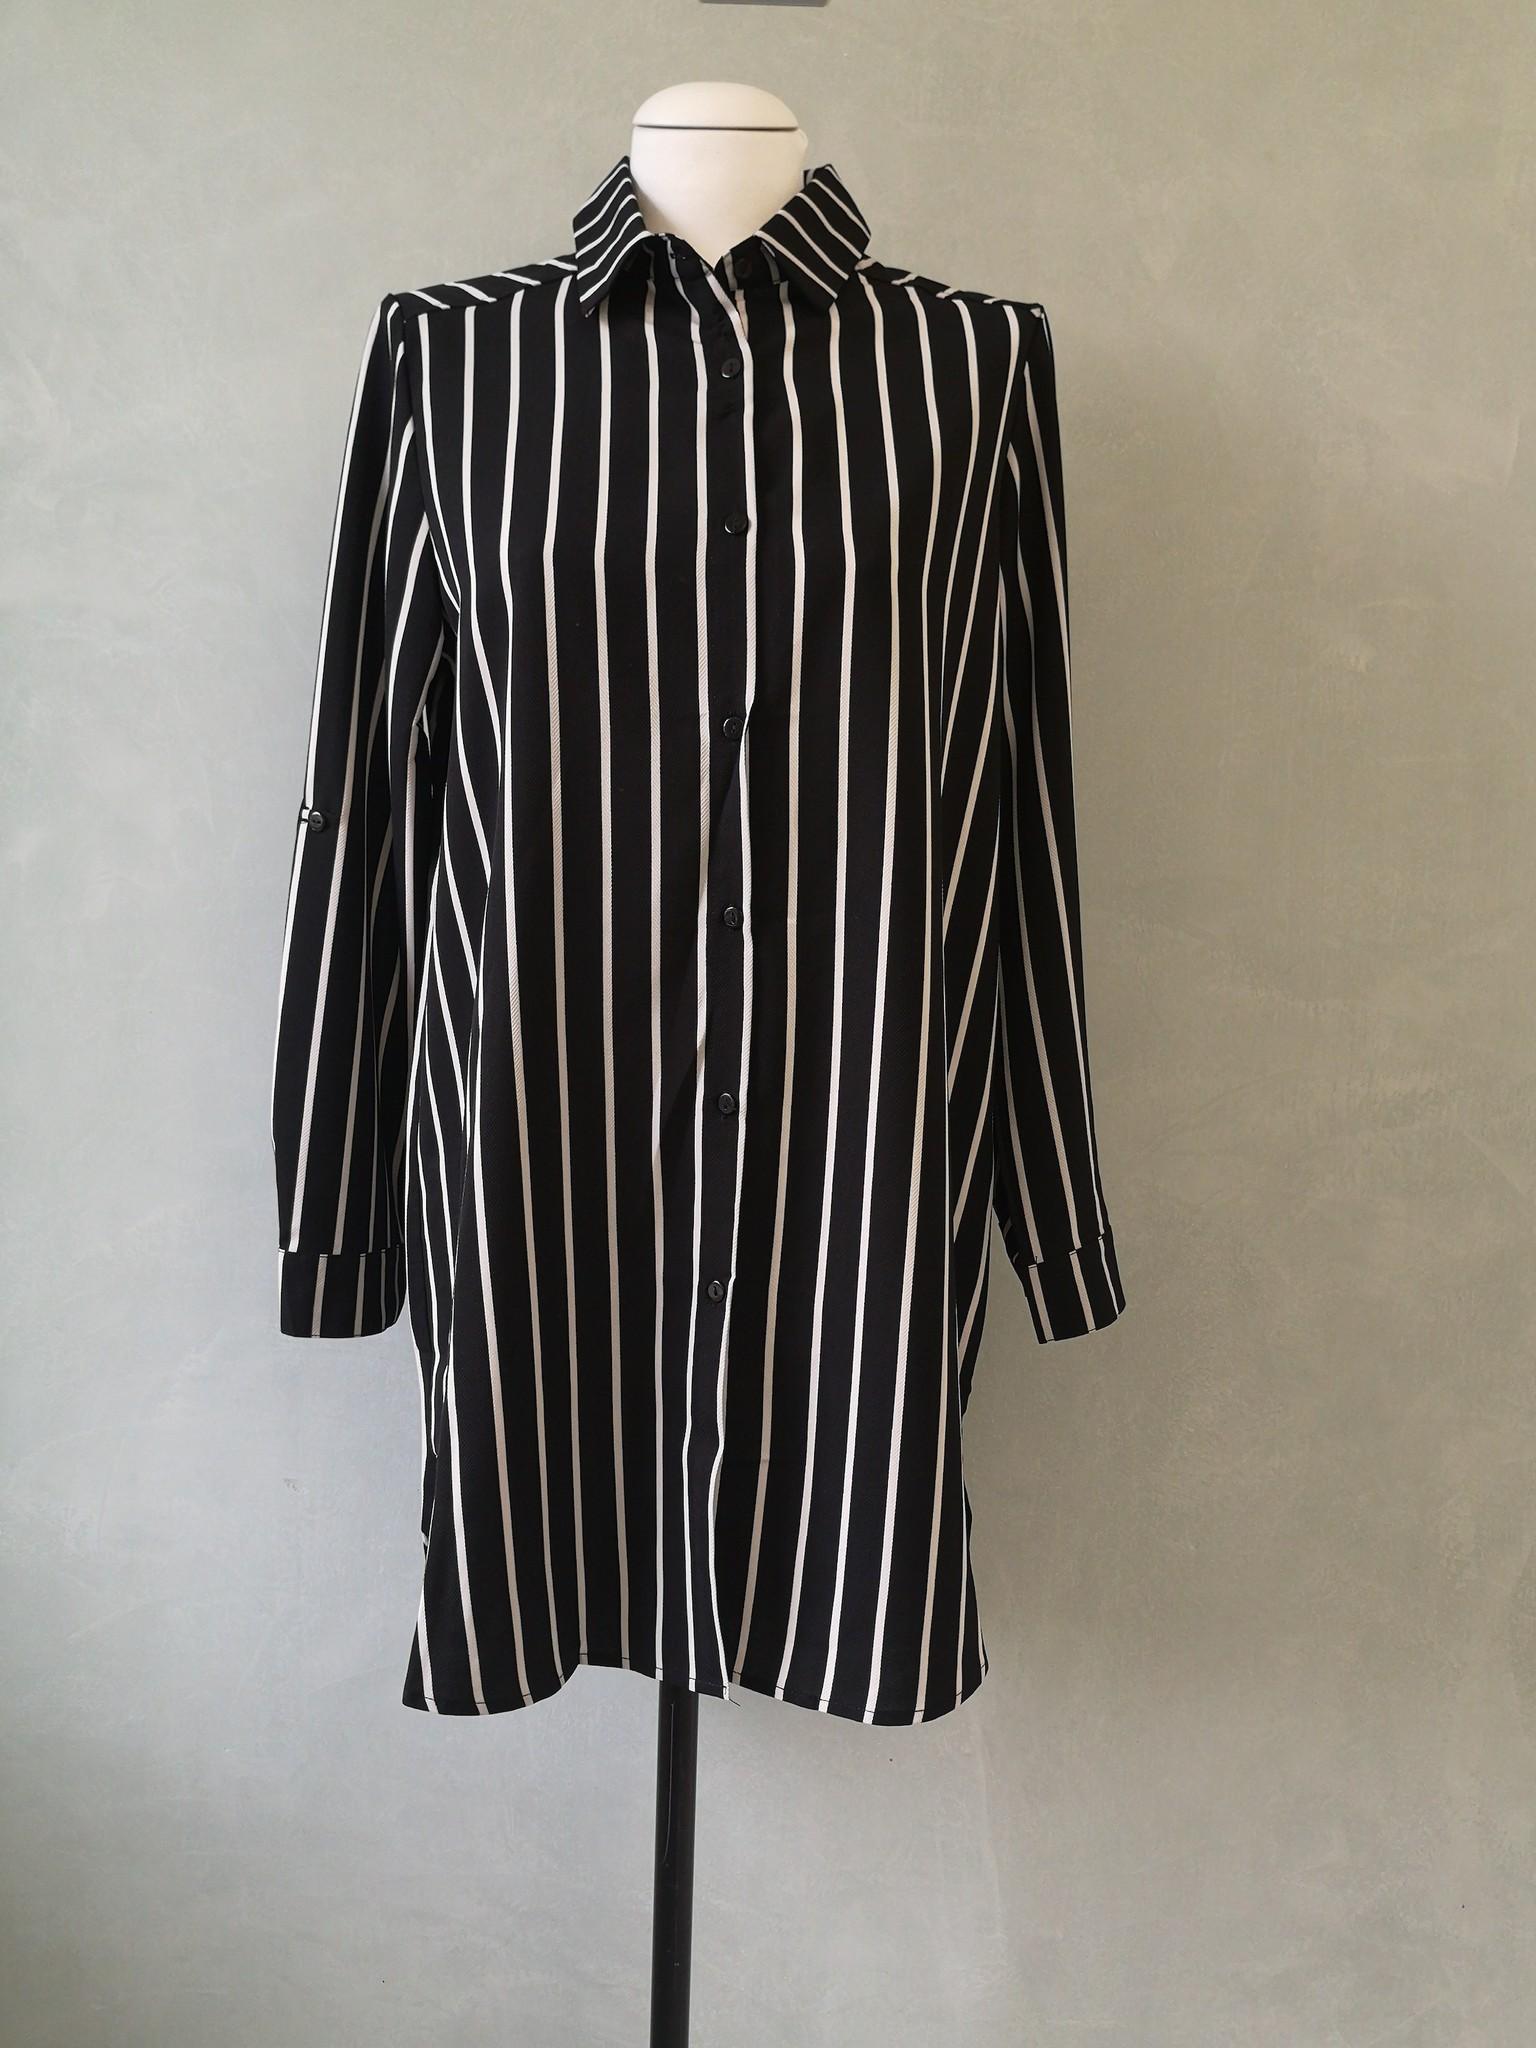 shirt Chiavari black - Copy